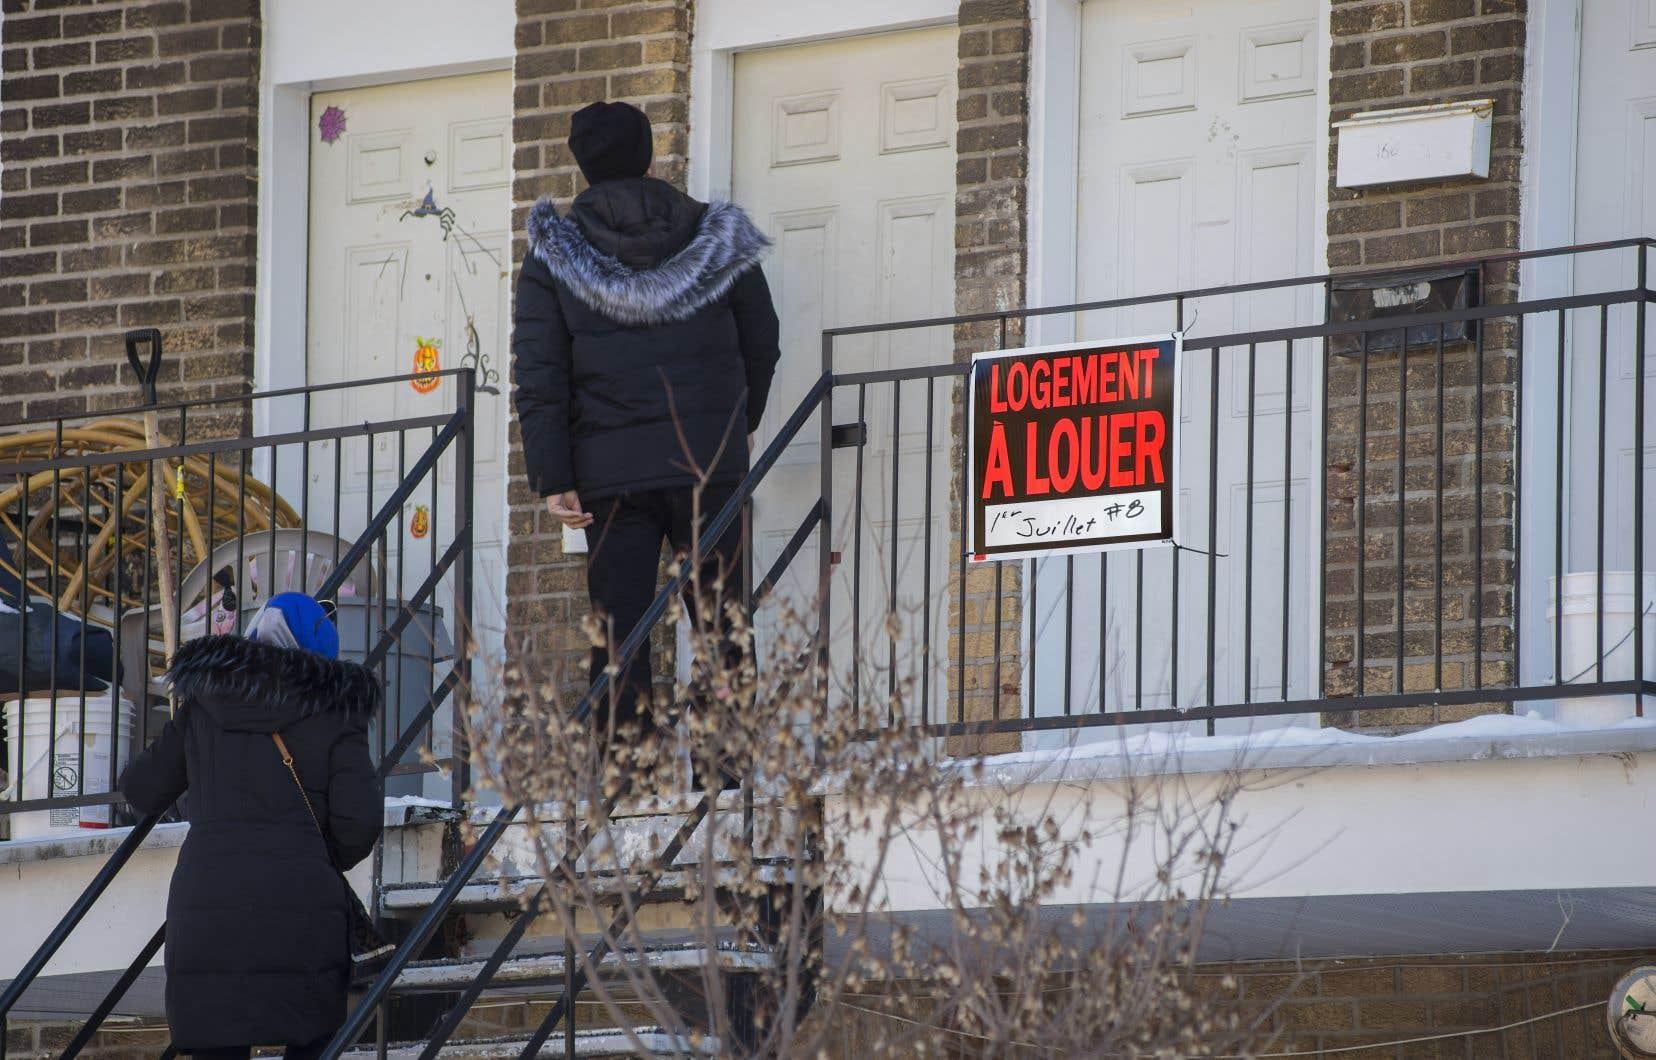 Entre 2011 et 2016, les frais de logement mensuels des résidants de l'île de Montréal ont augmenté en moyenne de 12,3% pour les locataires, et de 13,1% pour les propriétaires.